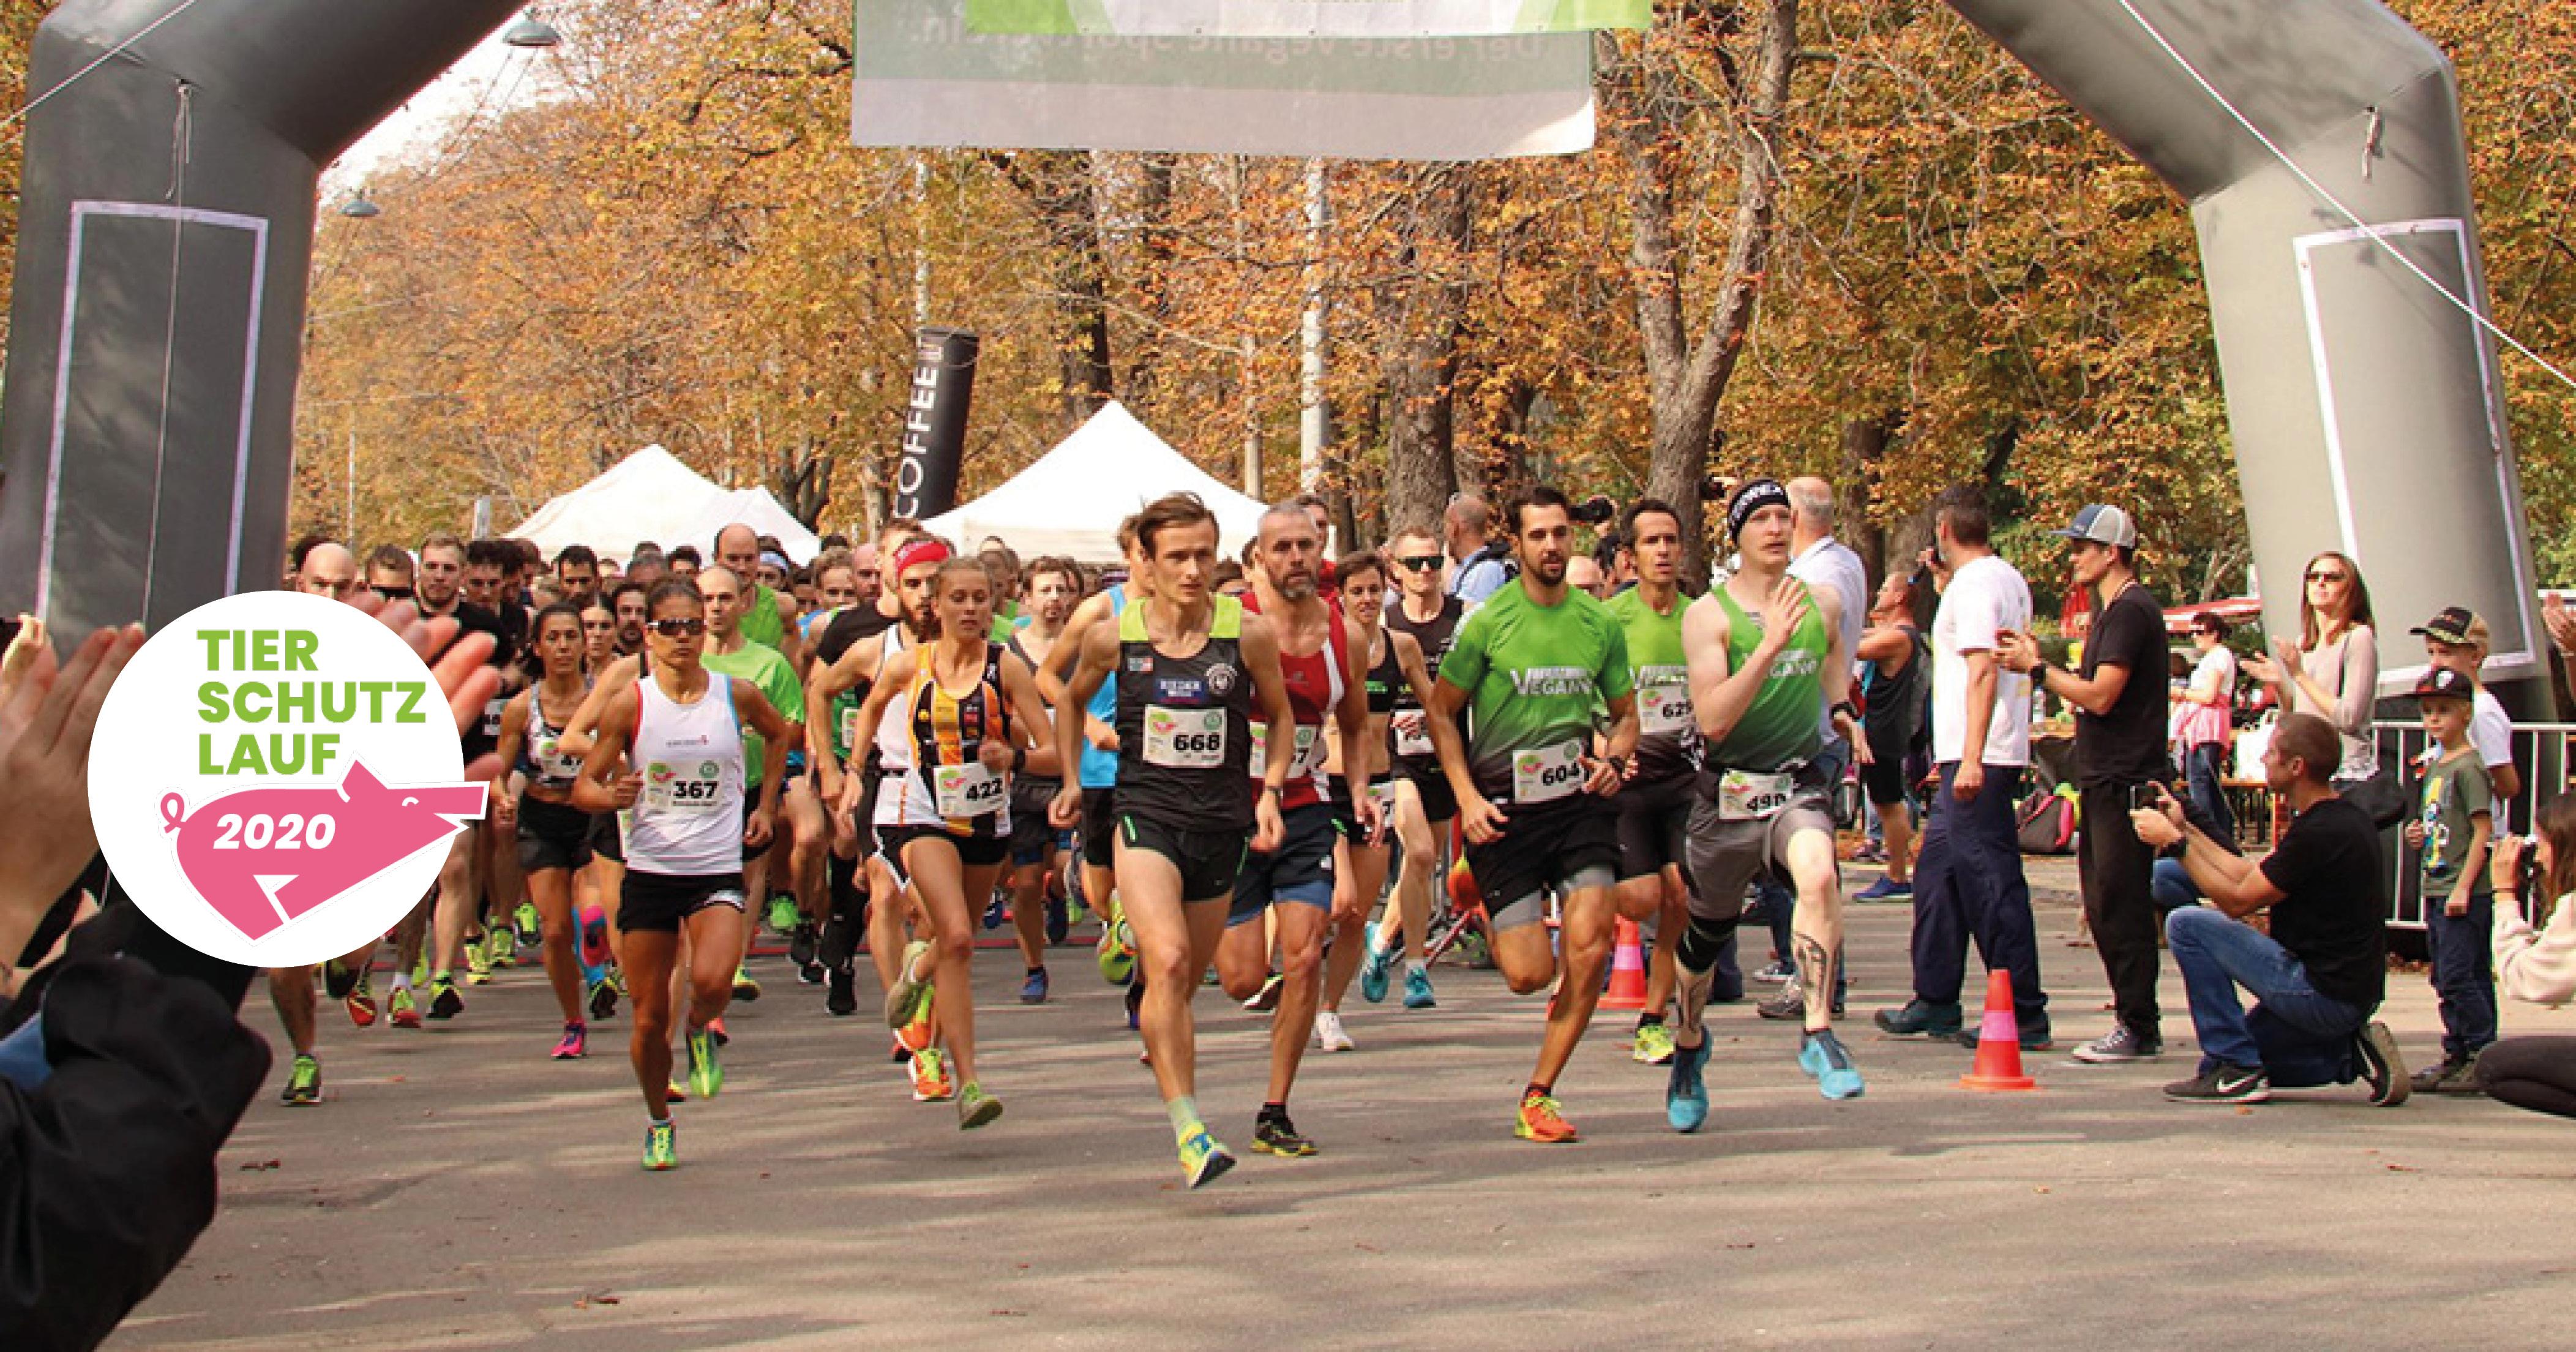 LäuferInnen beim Start des Tierschutzlaufs